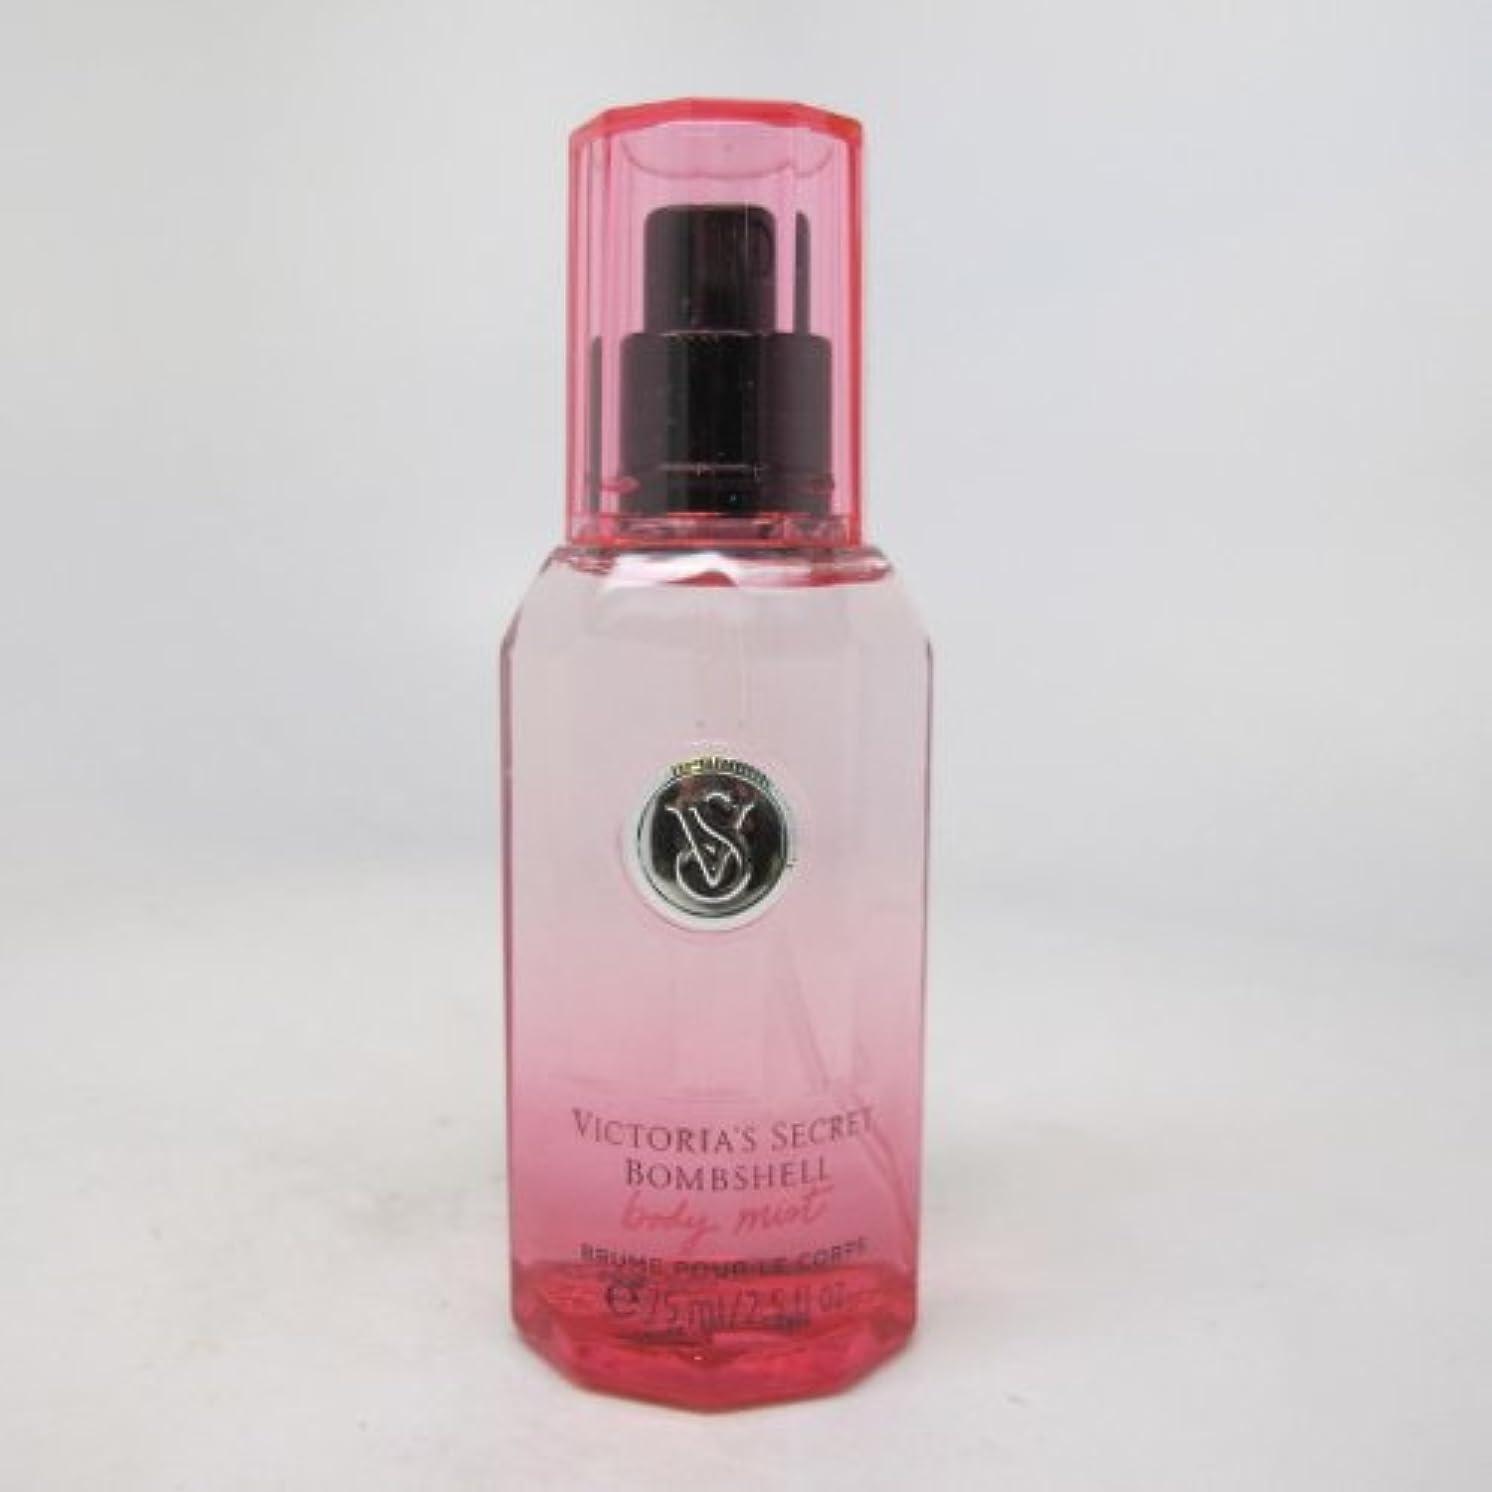 設置海峡ひもシンボルBombshell (ボム シェル) 2.5 oz (75ml) Body Mist by Victoria Secret for Women[海外直送品]